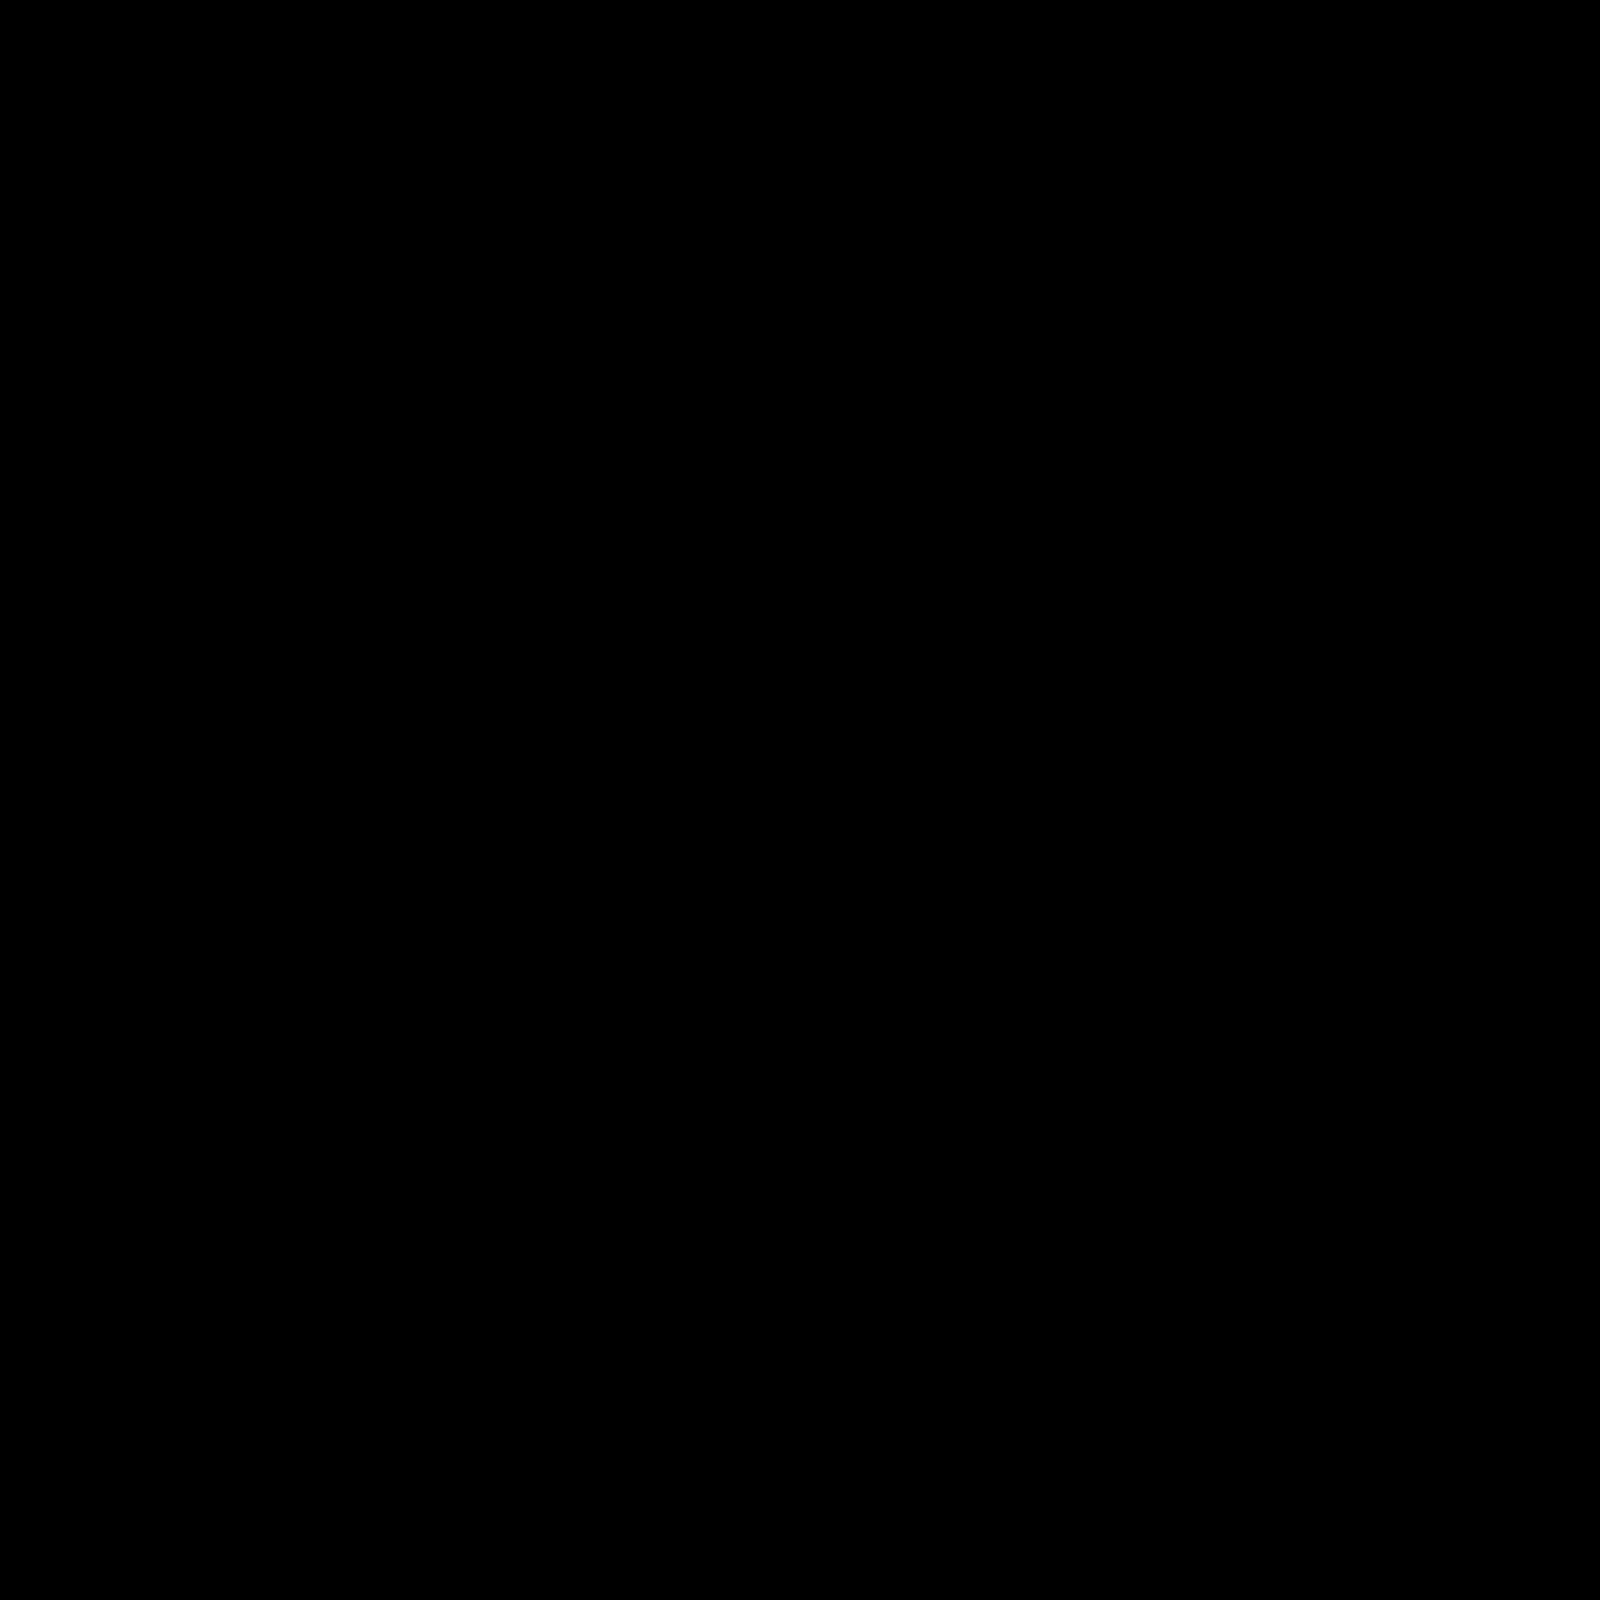 1600x1600 Open Envelope Icon